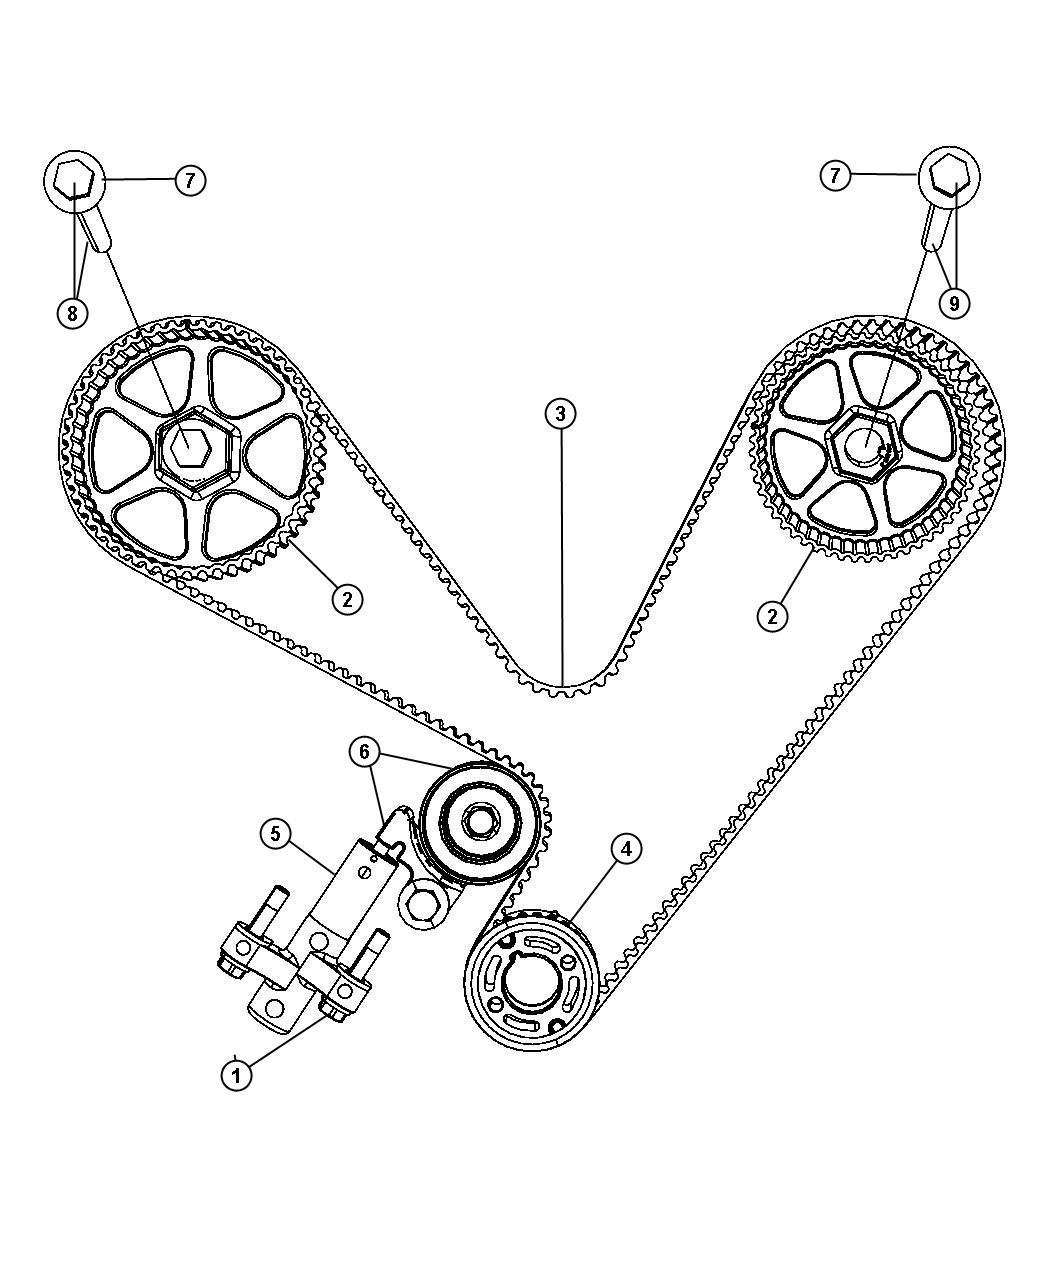 Dodge Grand Caravan Belt. Timing. Engine, mpi, output